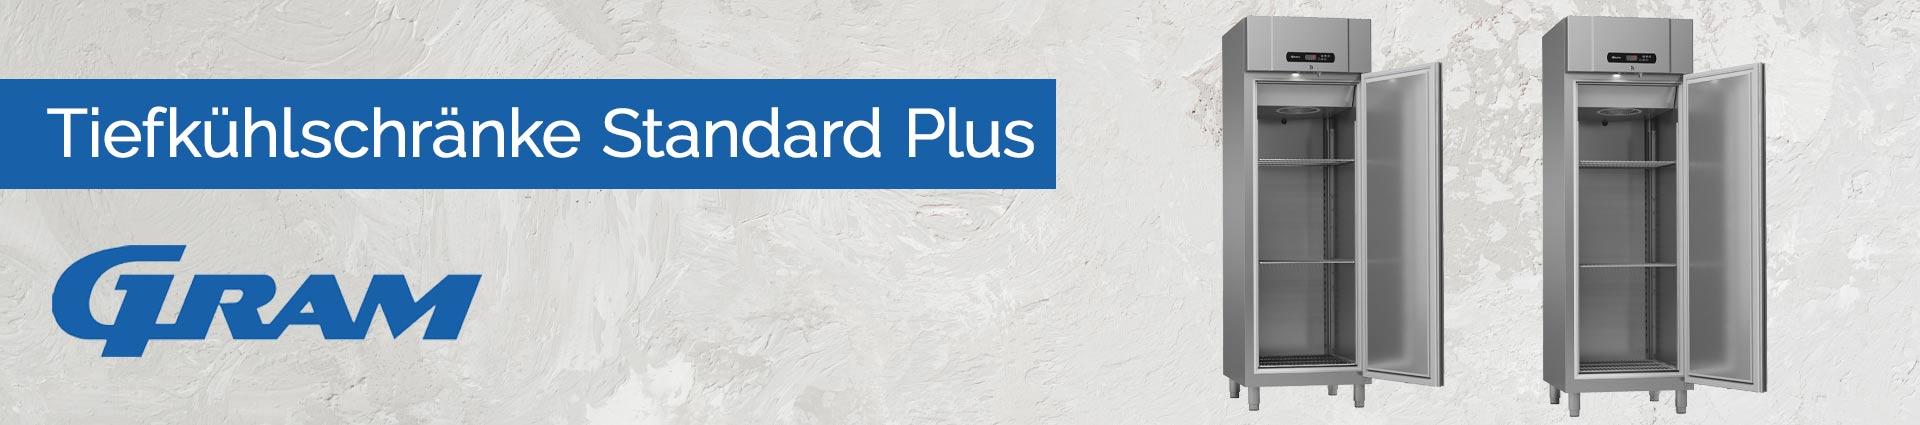 GRAM Tiefkühlschränke Standard Plus Banner